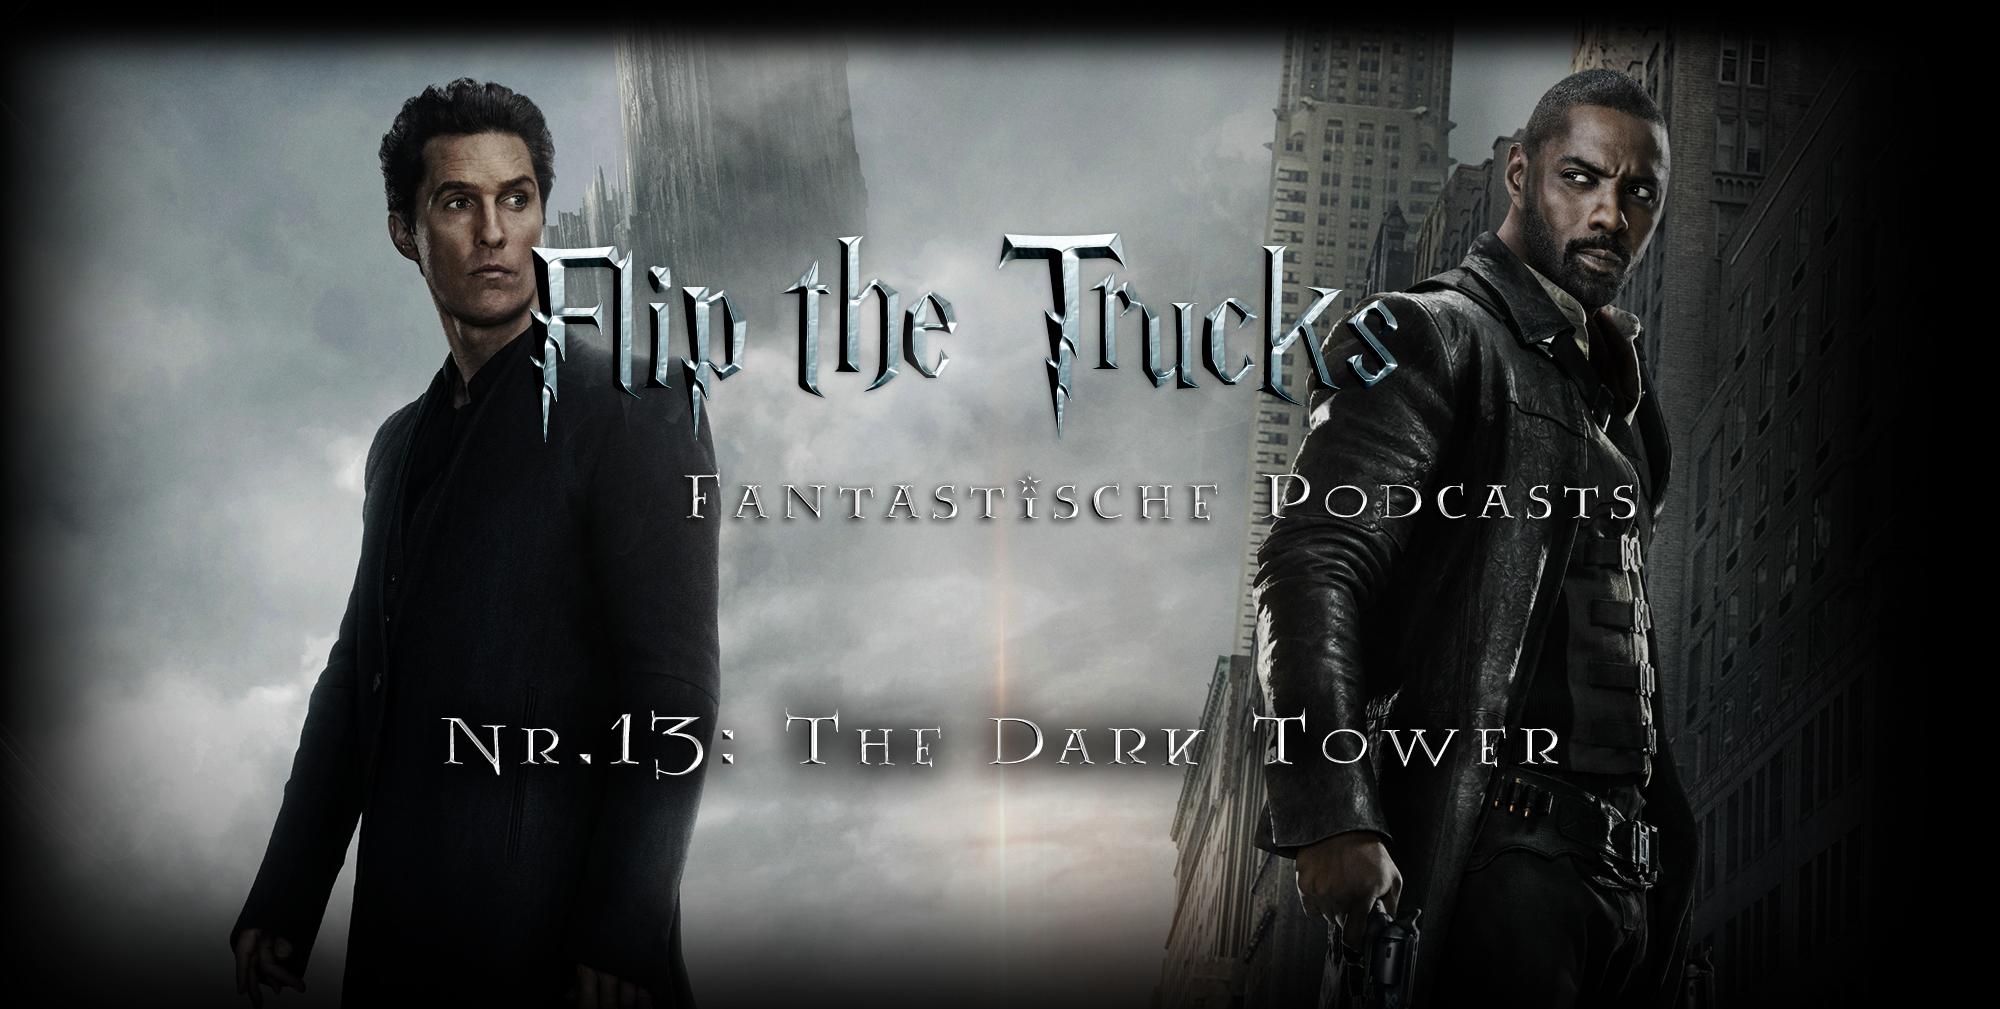 Flip the Truck | Fantastische Podcasts | The Dark Tower